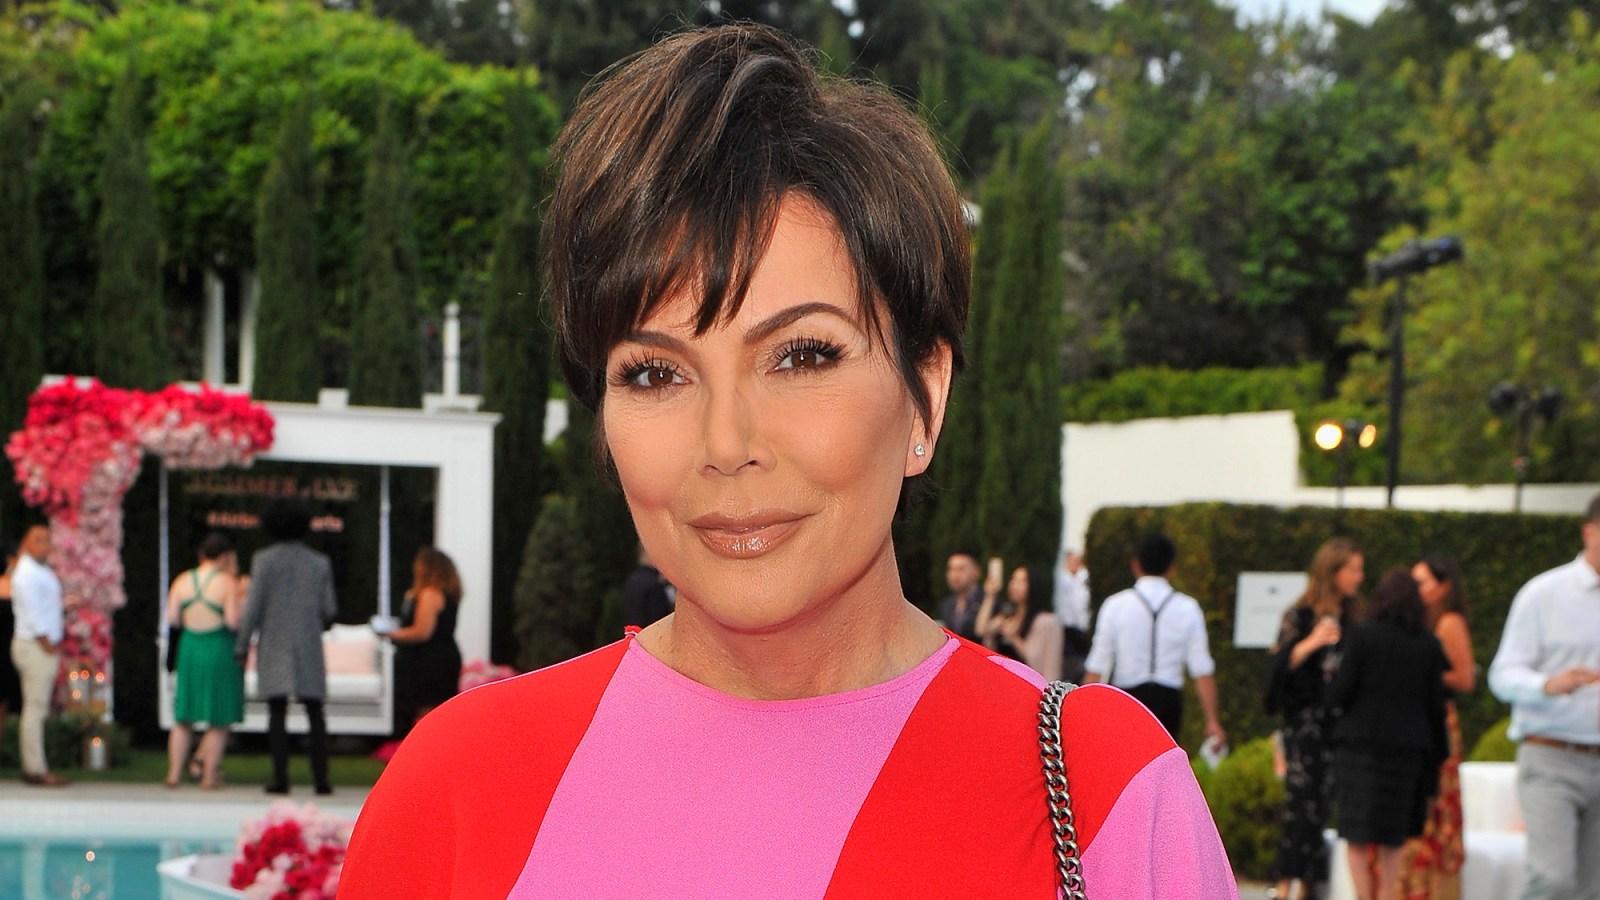 Kris Jenner Is a Kim Kardashian Look-Alike In New Bangs